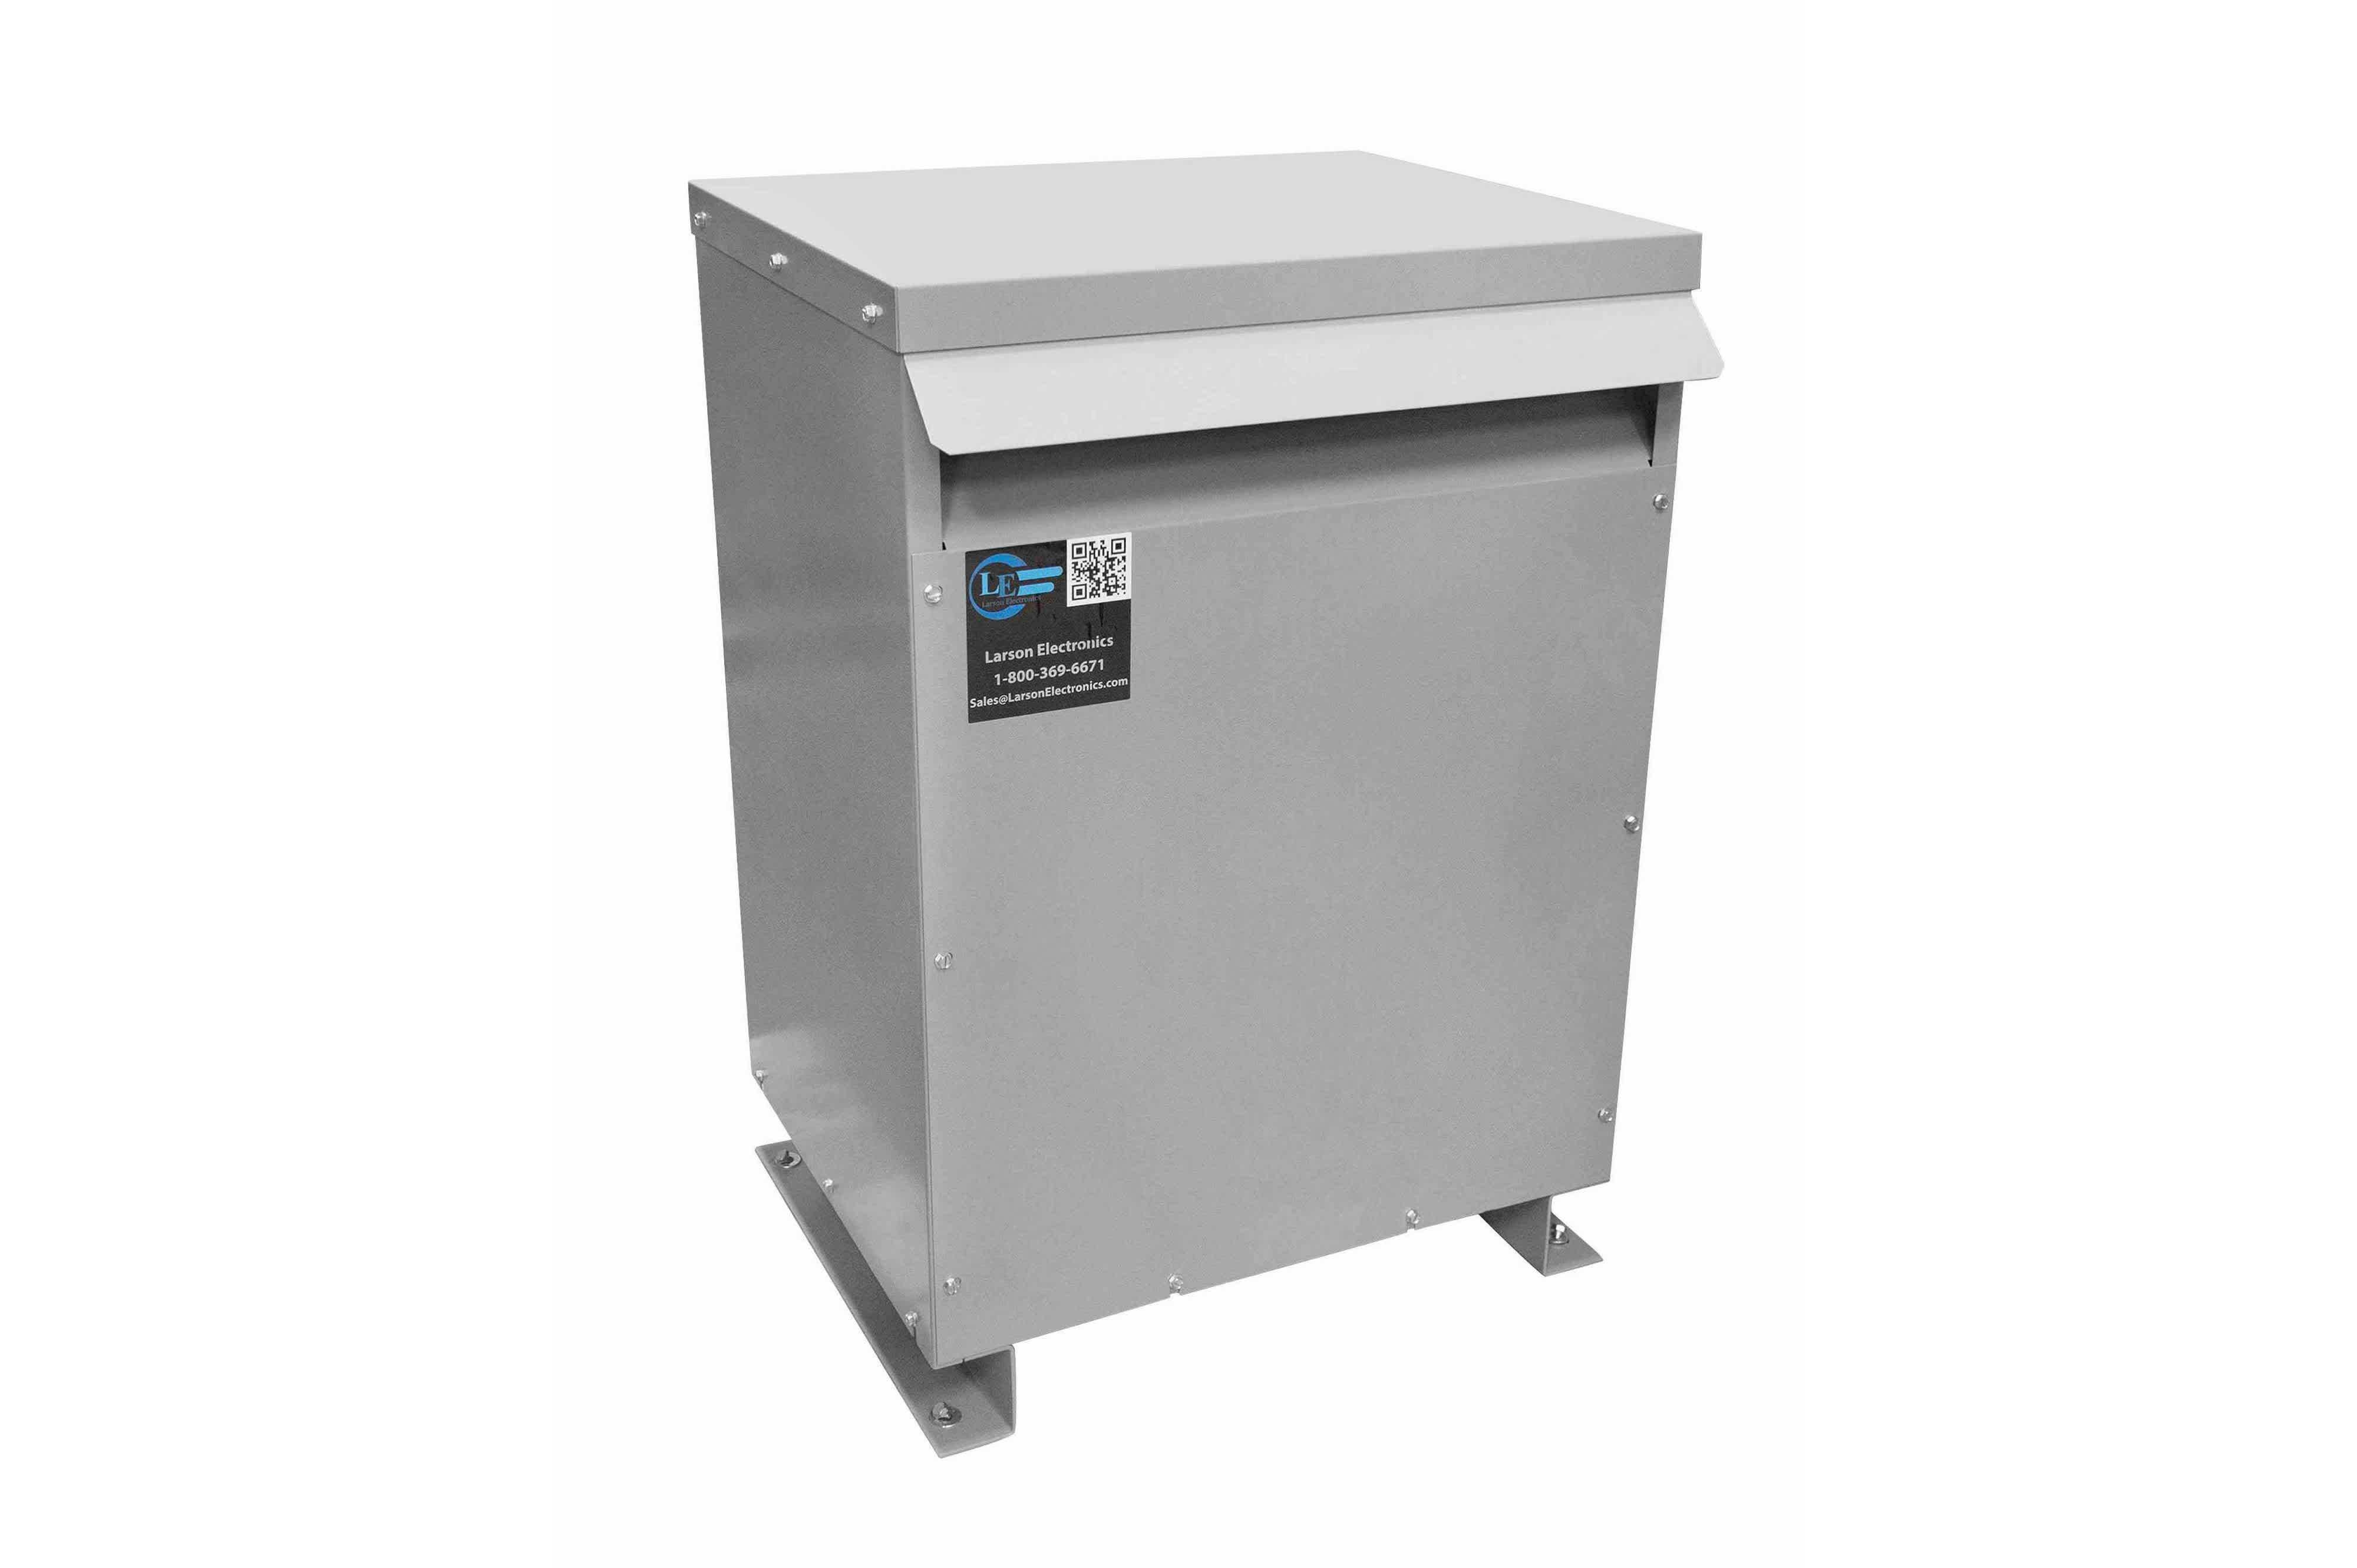 600 kVA 3PH Isolation Transformer, 480V Delta Primary, 600V Delta Secondary, N3R, Ventilated, 60 Hz